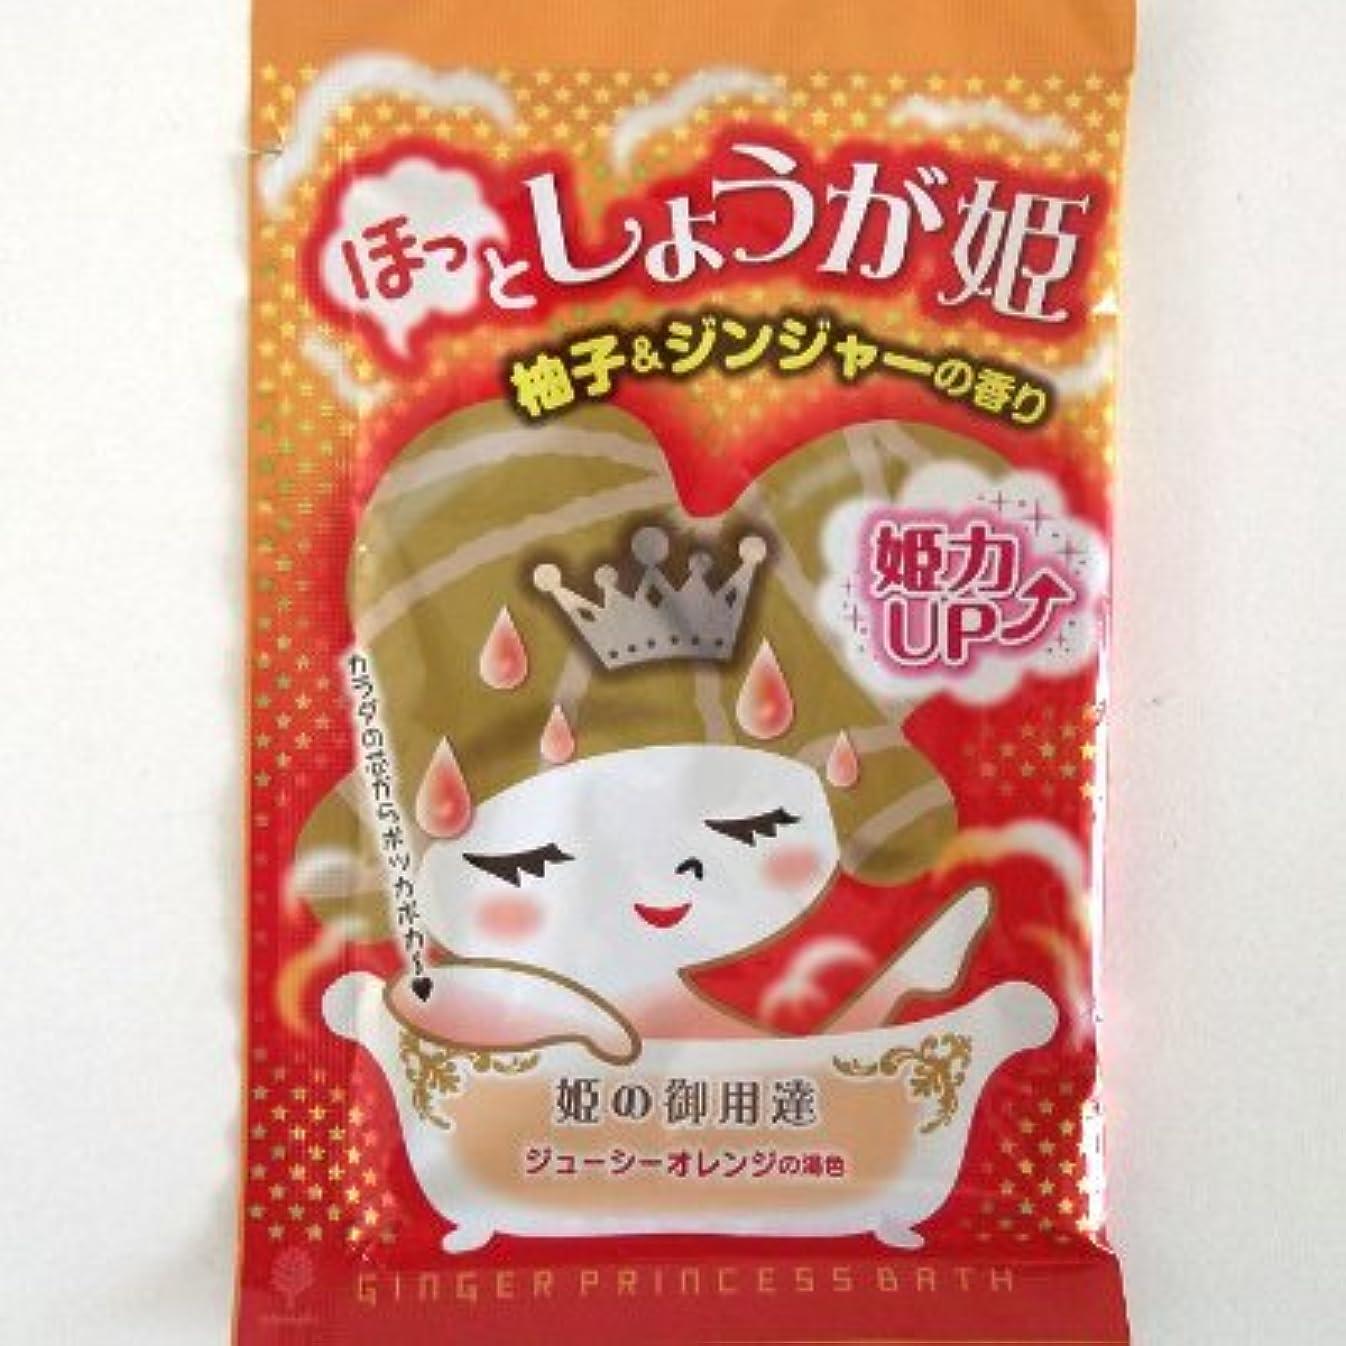 が欲しいブランド名初心者紀陽除虫菊 ほっとしょうが姫 柚子&ジンジャーの香り【まとめ買い12個セット】 N-8400